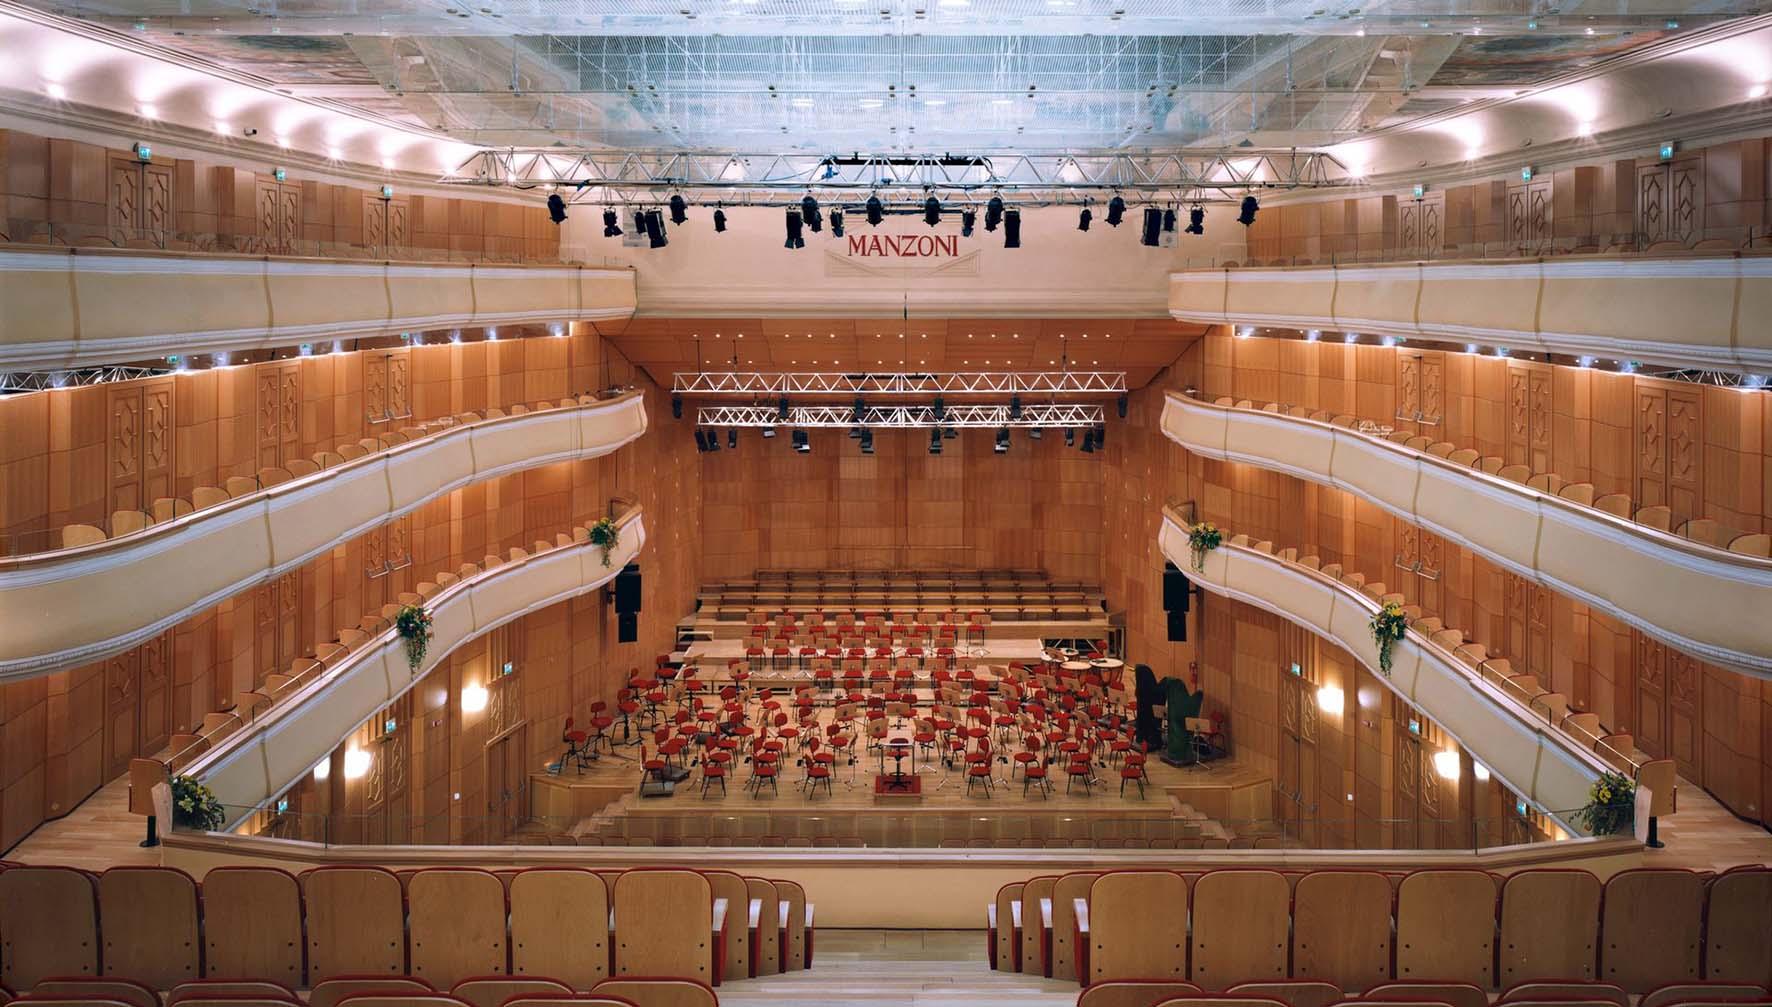 teatro comunale di bologna Auditorium Teatro manzoni bologna